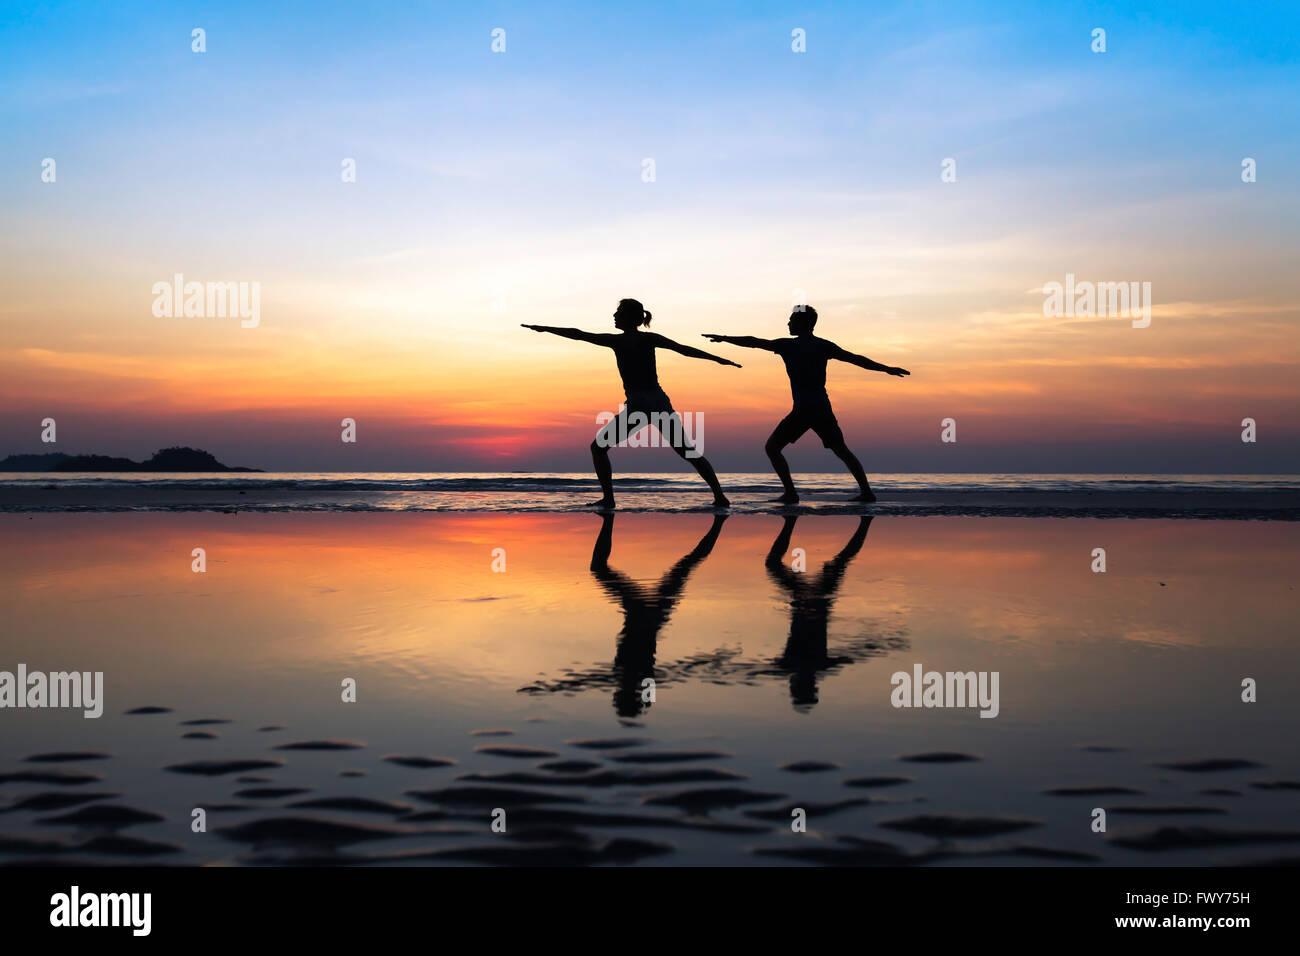 Gruppo di persone che praticano lo yoga, giovane facendo stretchings sulla spiaggia al tramonto Immagini Stock